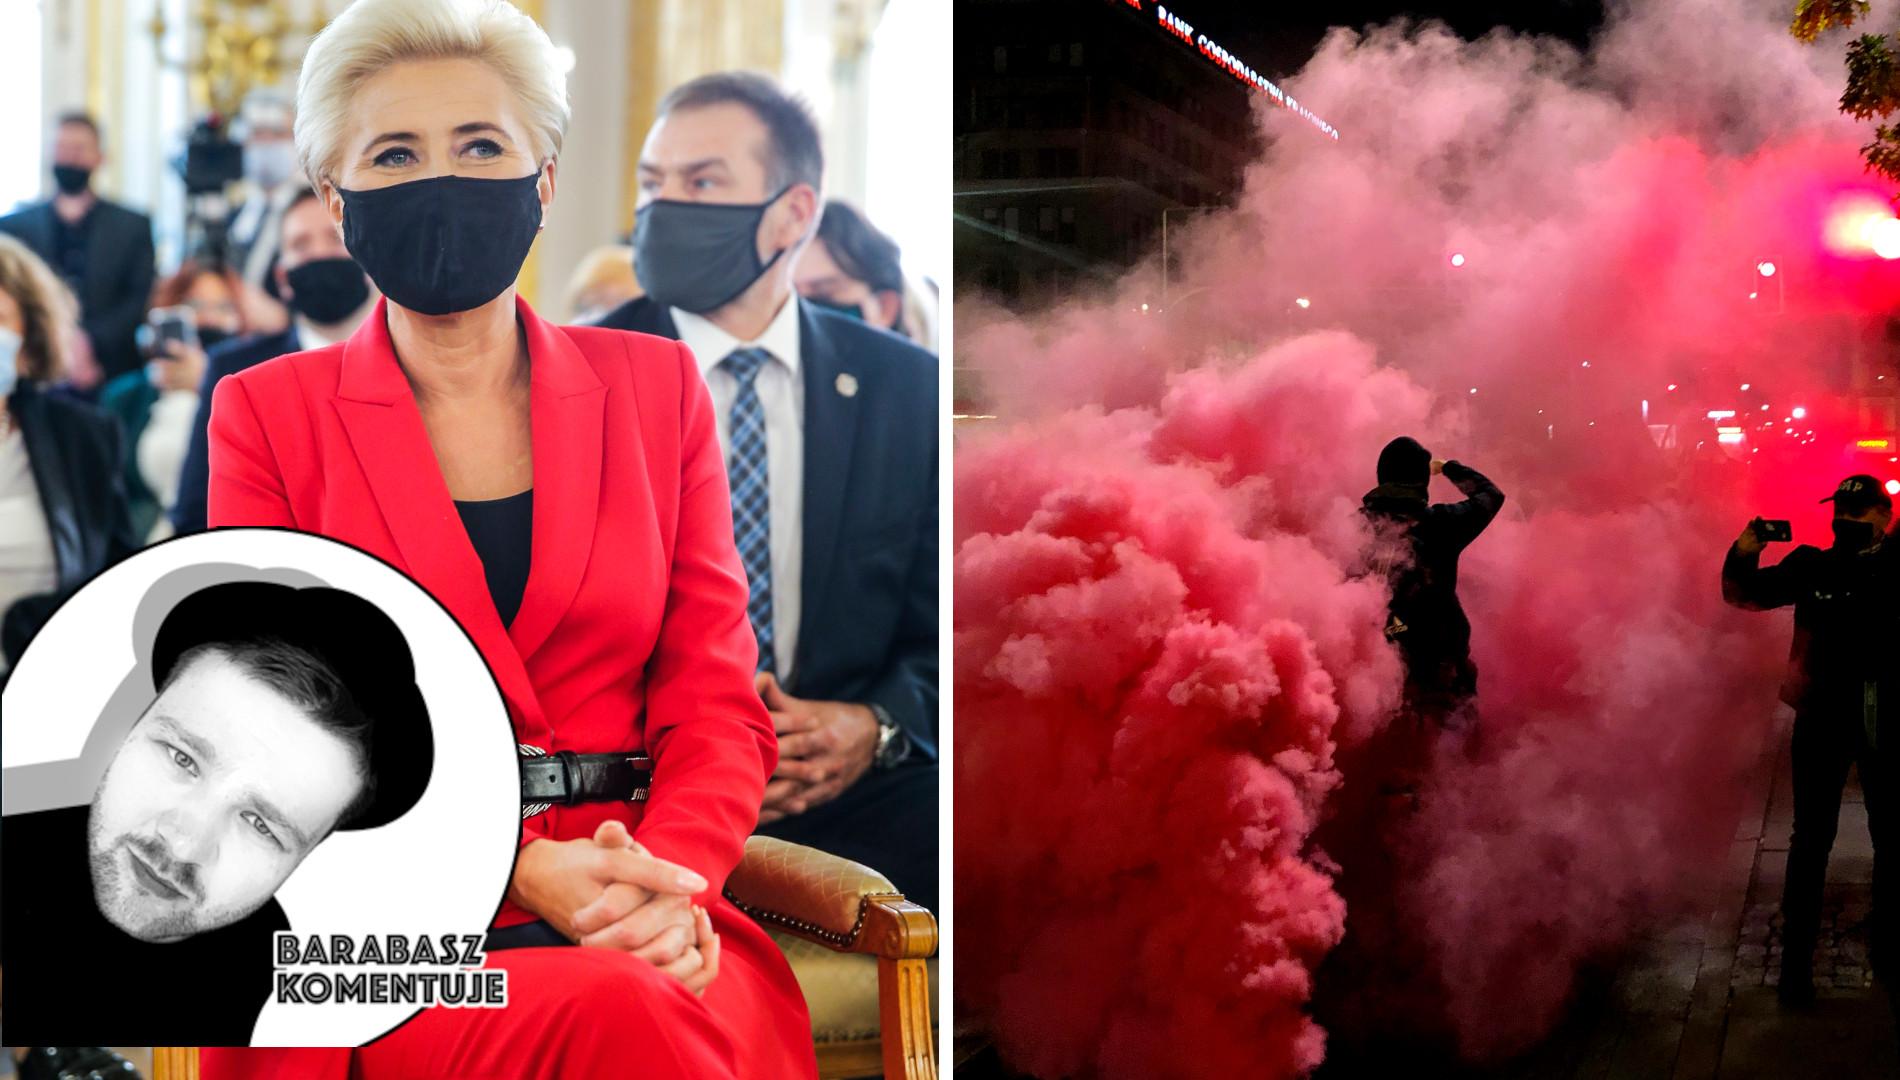 BARABASZ KOMENTUJE: Kiedy ludzie protestują, załóż sobie fanklub, czyli PR Agaty Dudy (FELIETON)